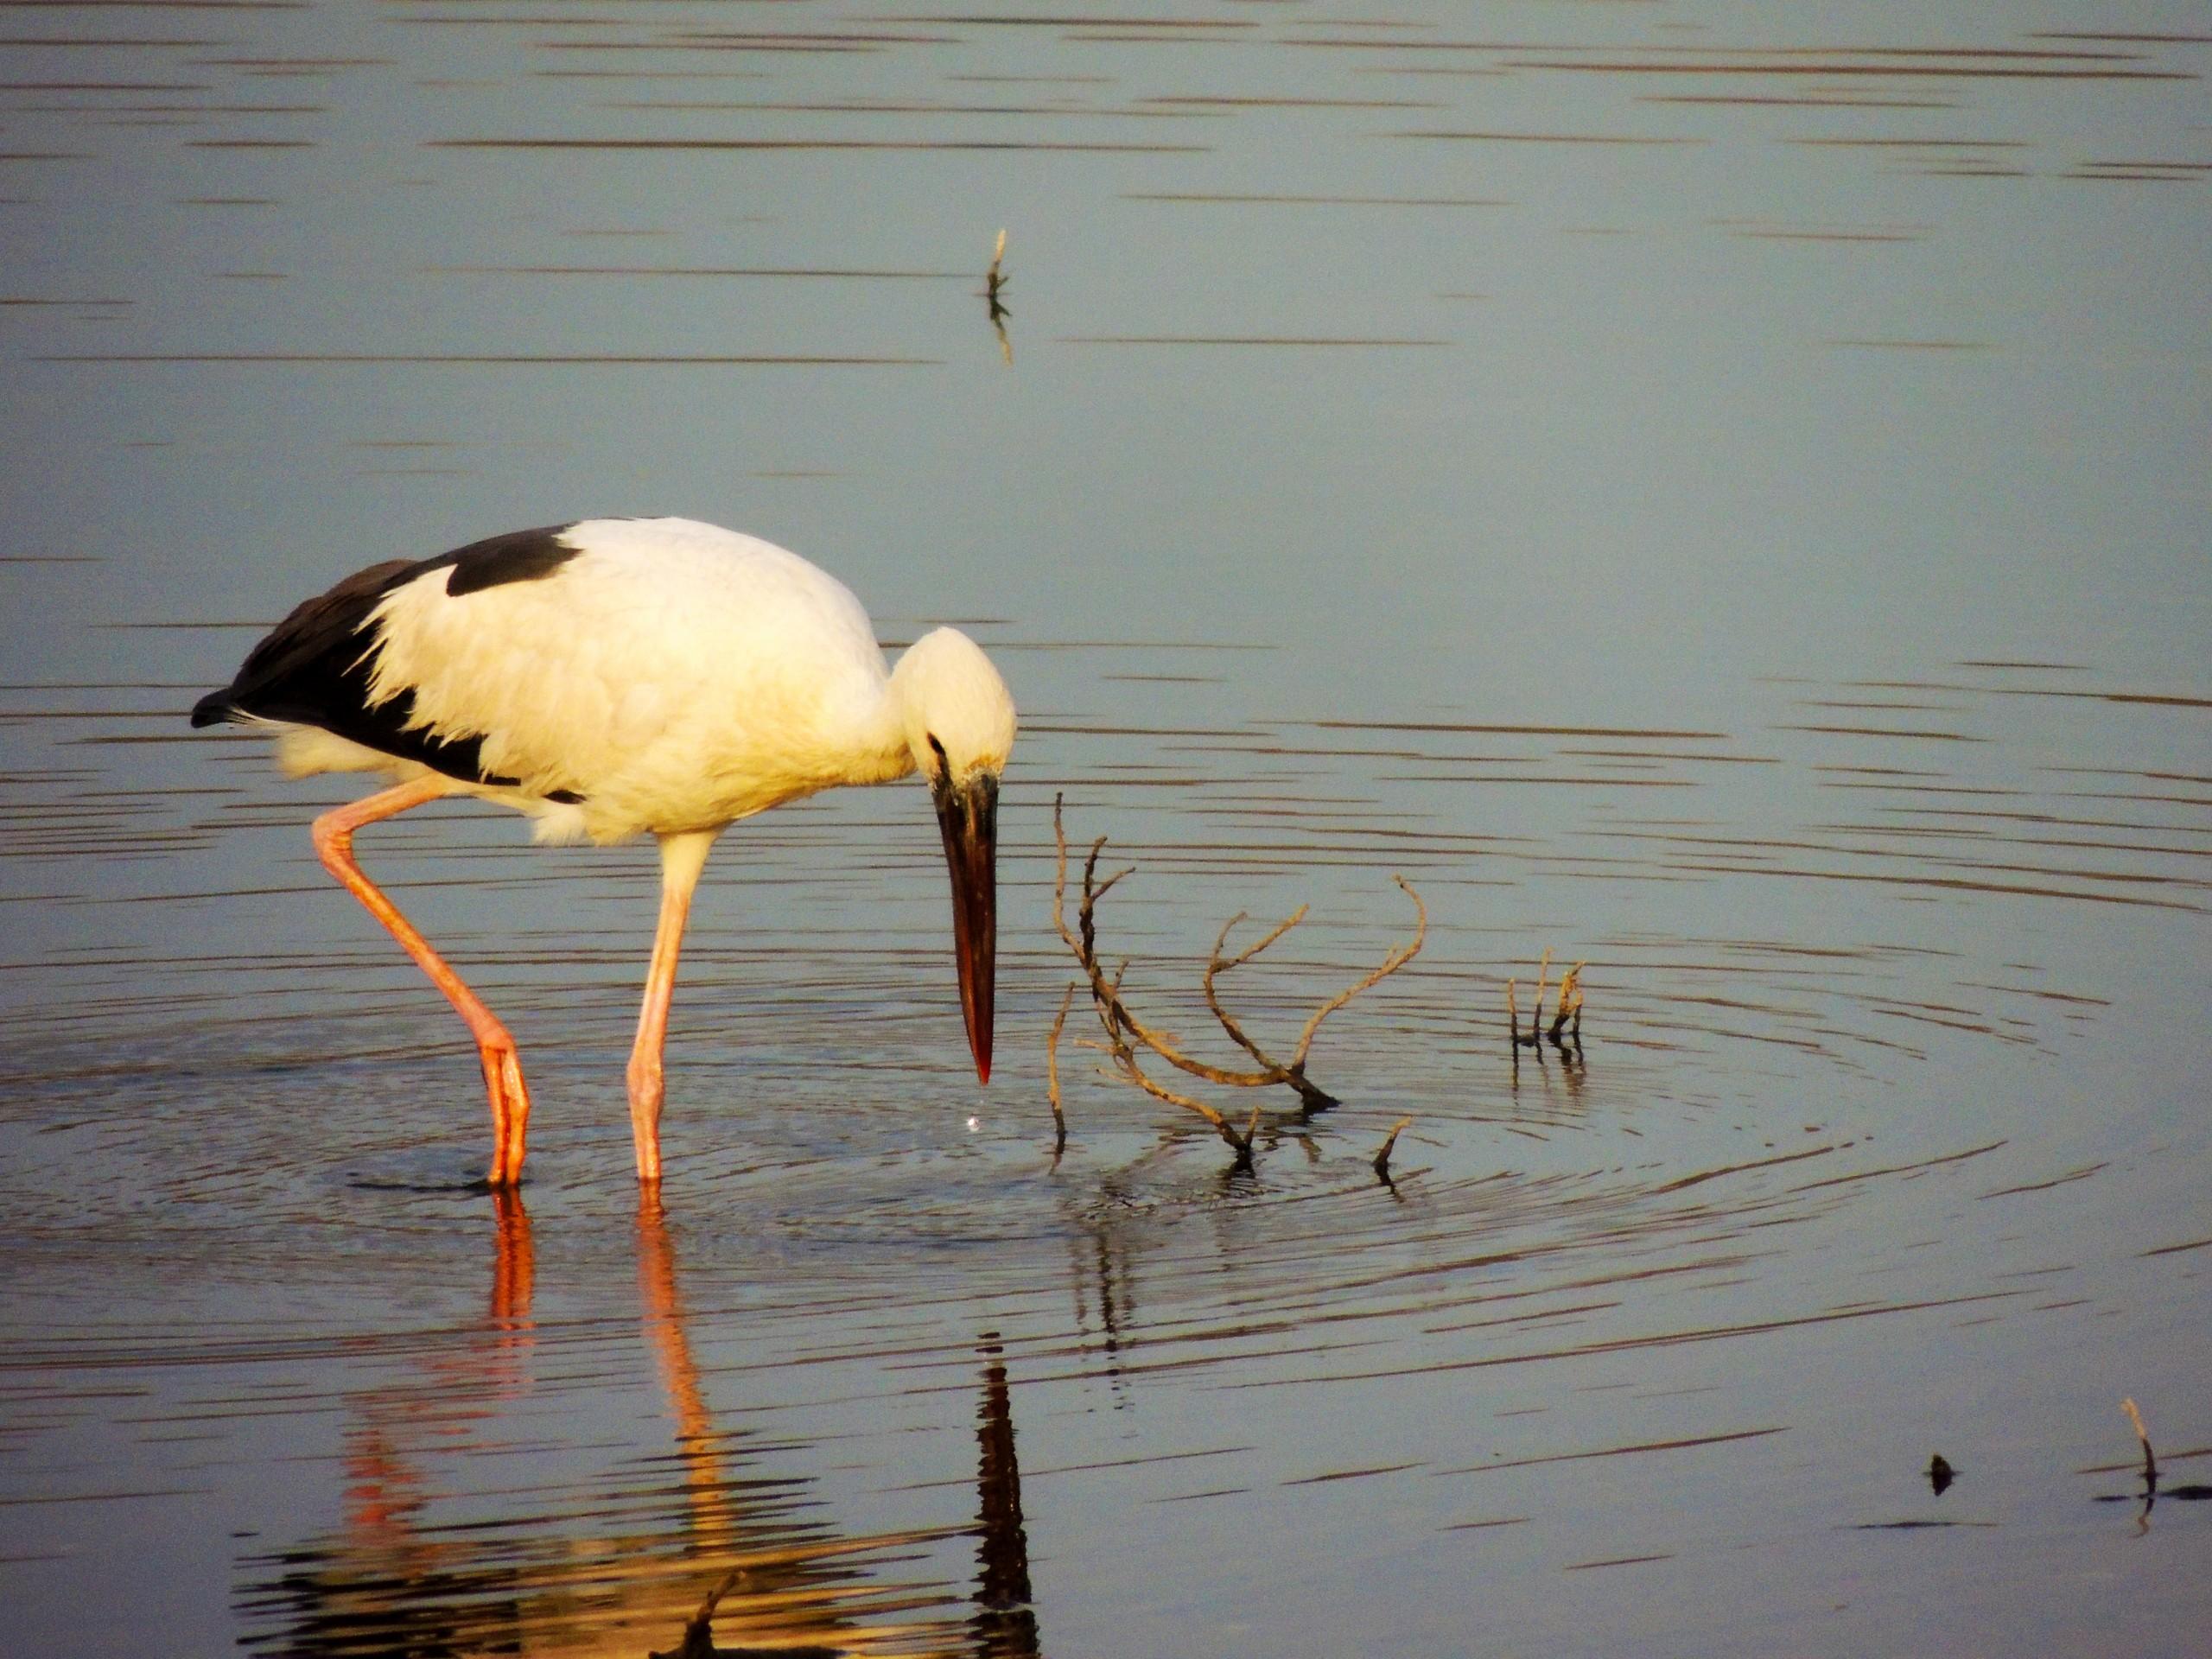 Stork on Waters